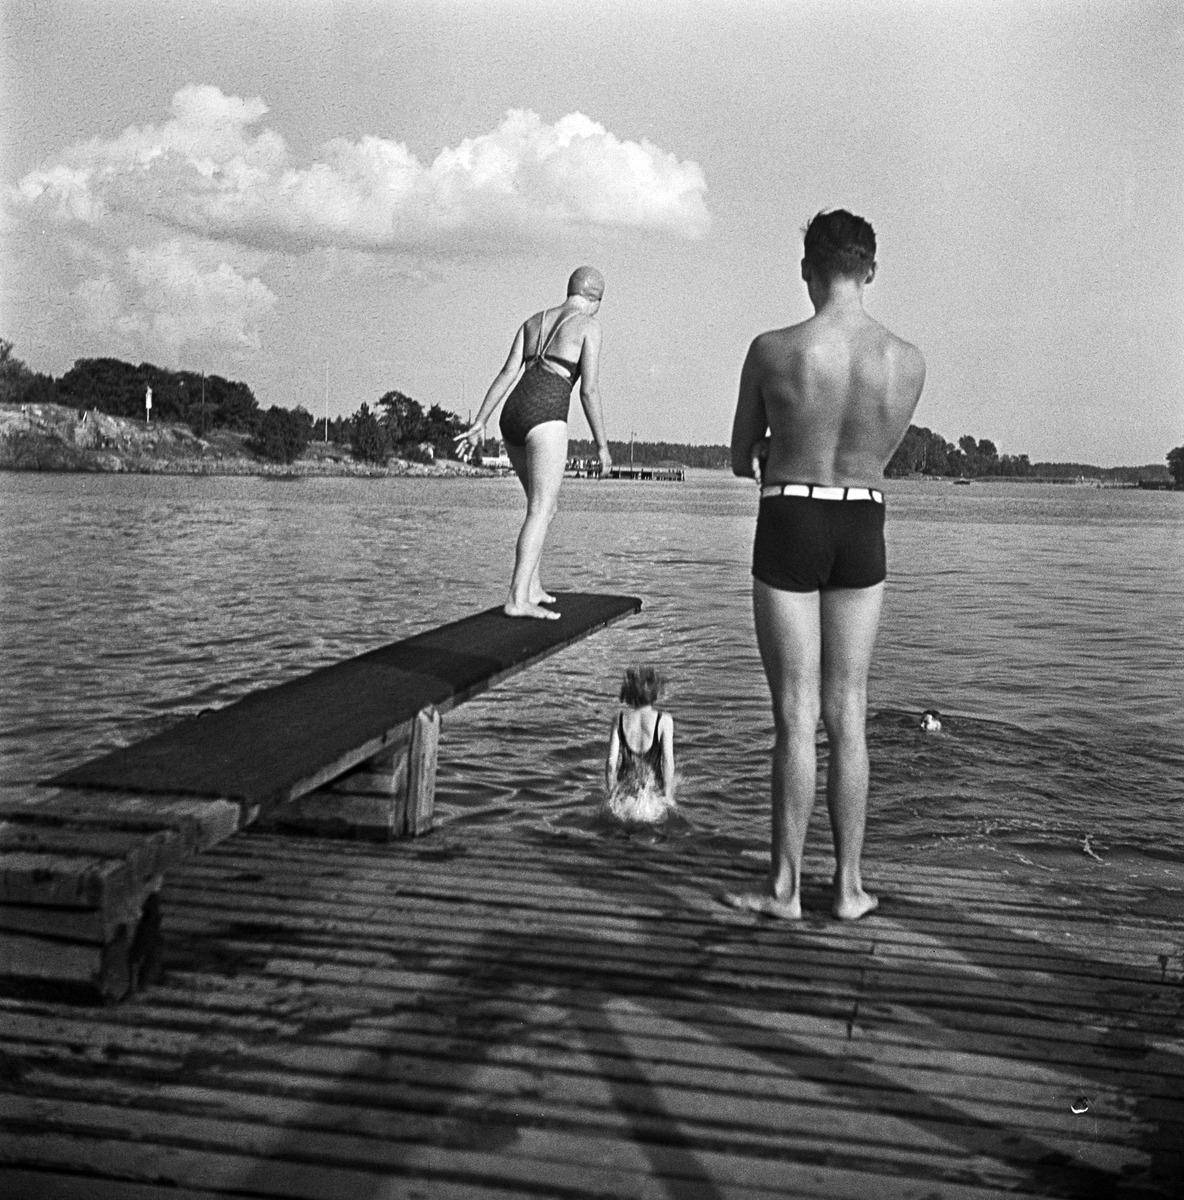 Tyttö valmistautuu sukeltamaan ponnahduslaudalta, mies katsoo rannalta